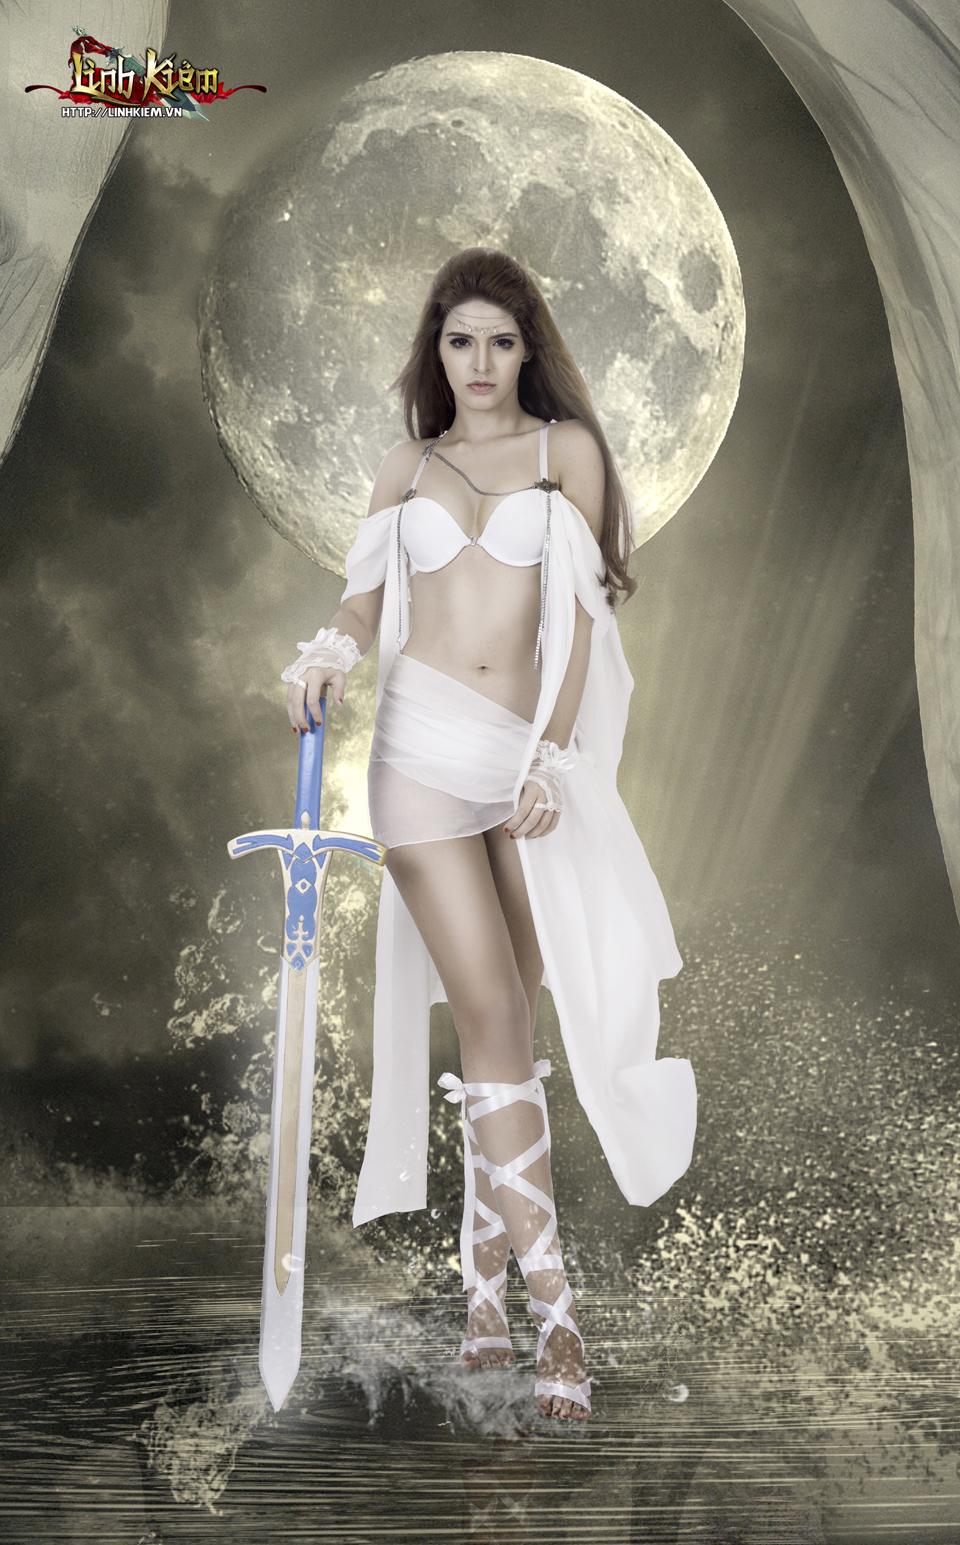 Andrea Aybar cực sexy trong ảnh quảng bá Linh Kiếm 9